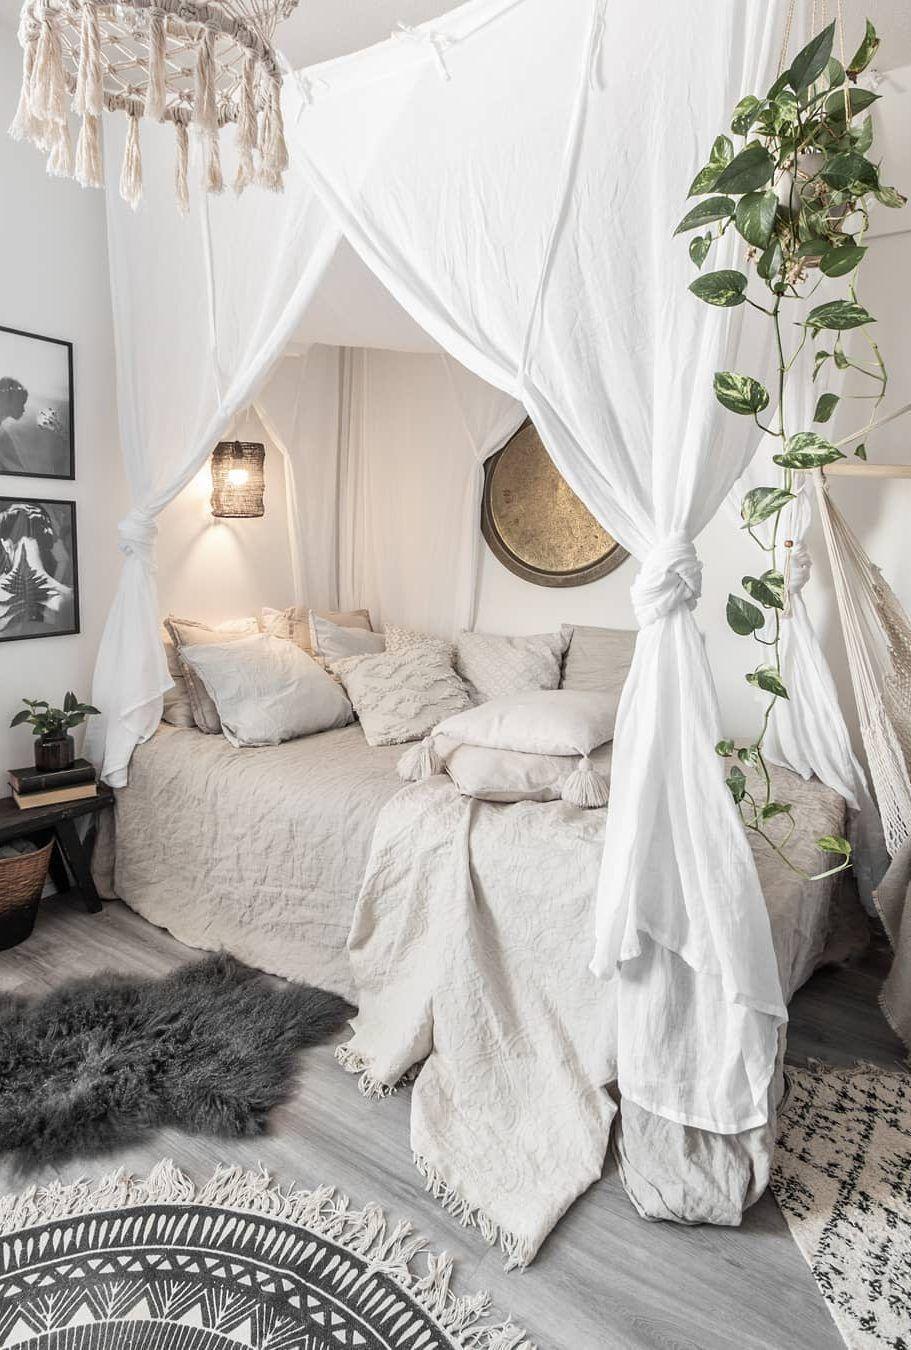 50+ coole und moderne Schlafzimmer Design und Dekoration Ideen Teil 35 -  50+ coole und moderne Schlafzimmer-Design- und Dekorationsideen Teil 35; Schlafzimmer Ideen; Schlaf - #coole #dekoration #design #ideen #moderne #schlafzimmer #Teil #und #small master bedroom #bohemianbedrooms